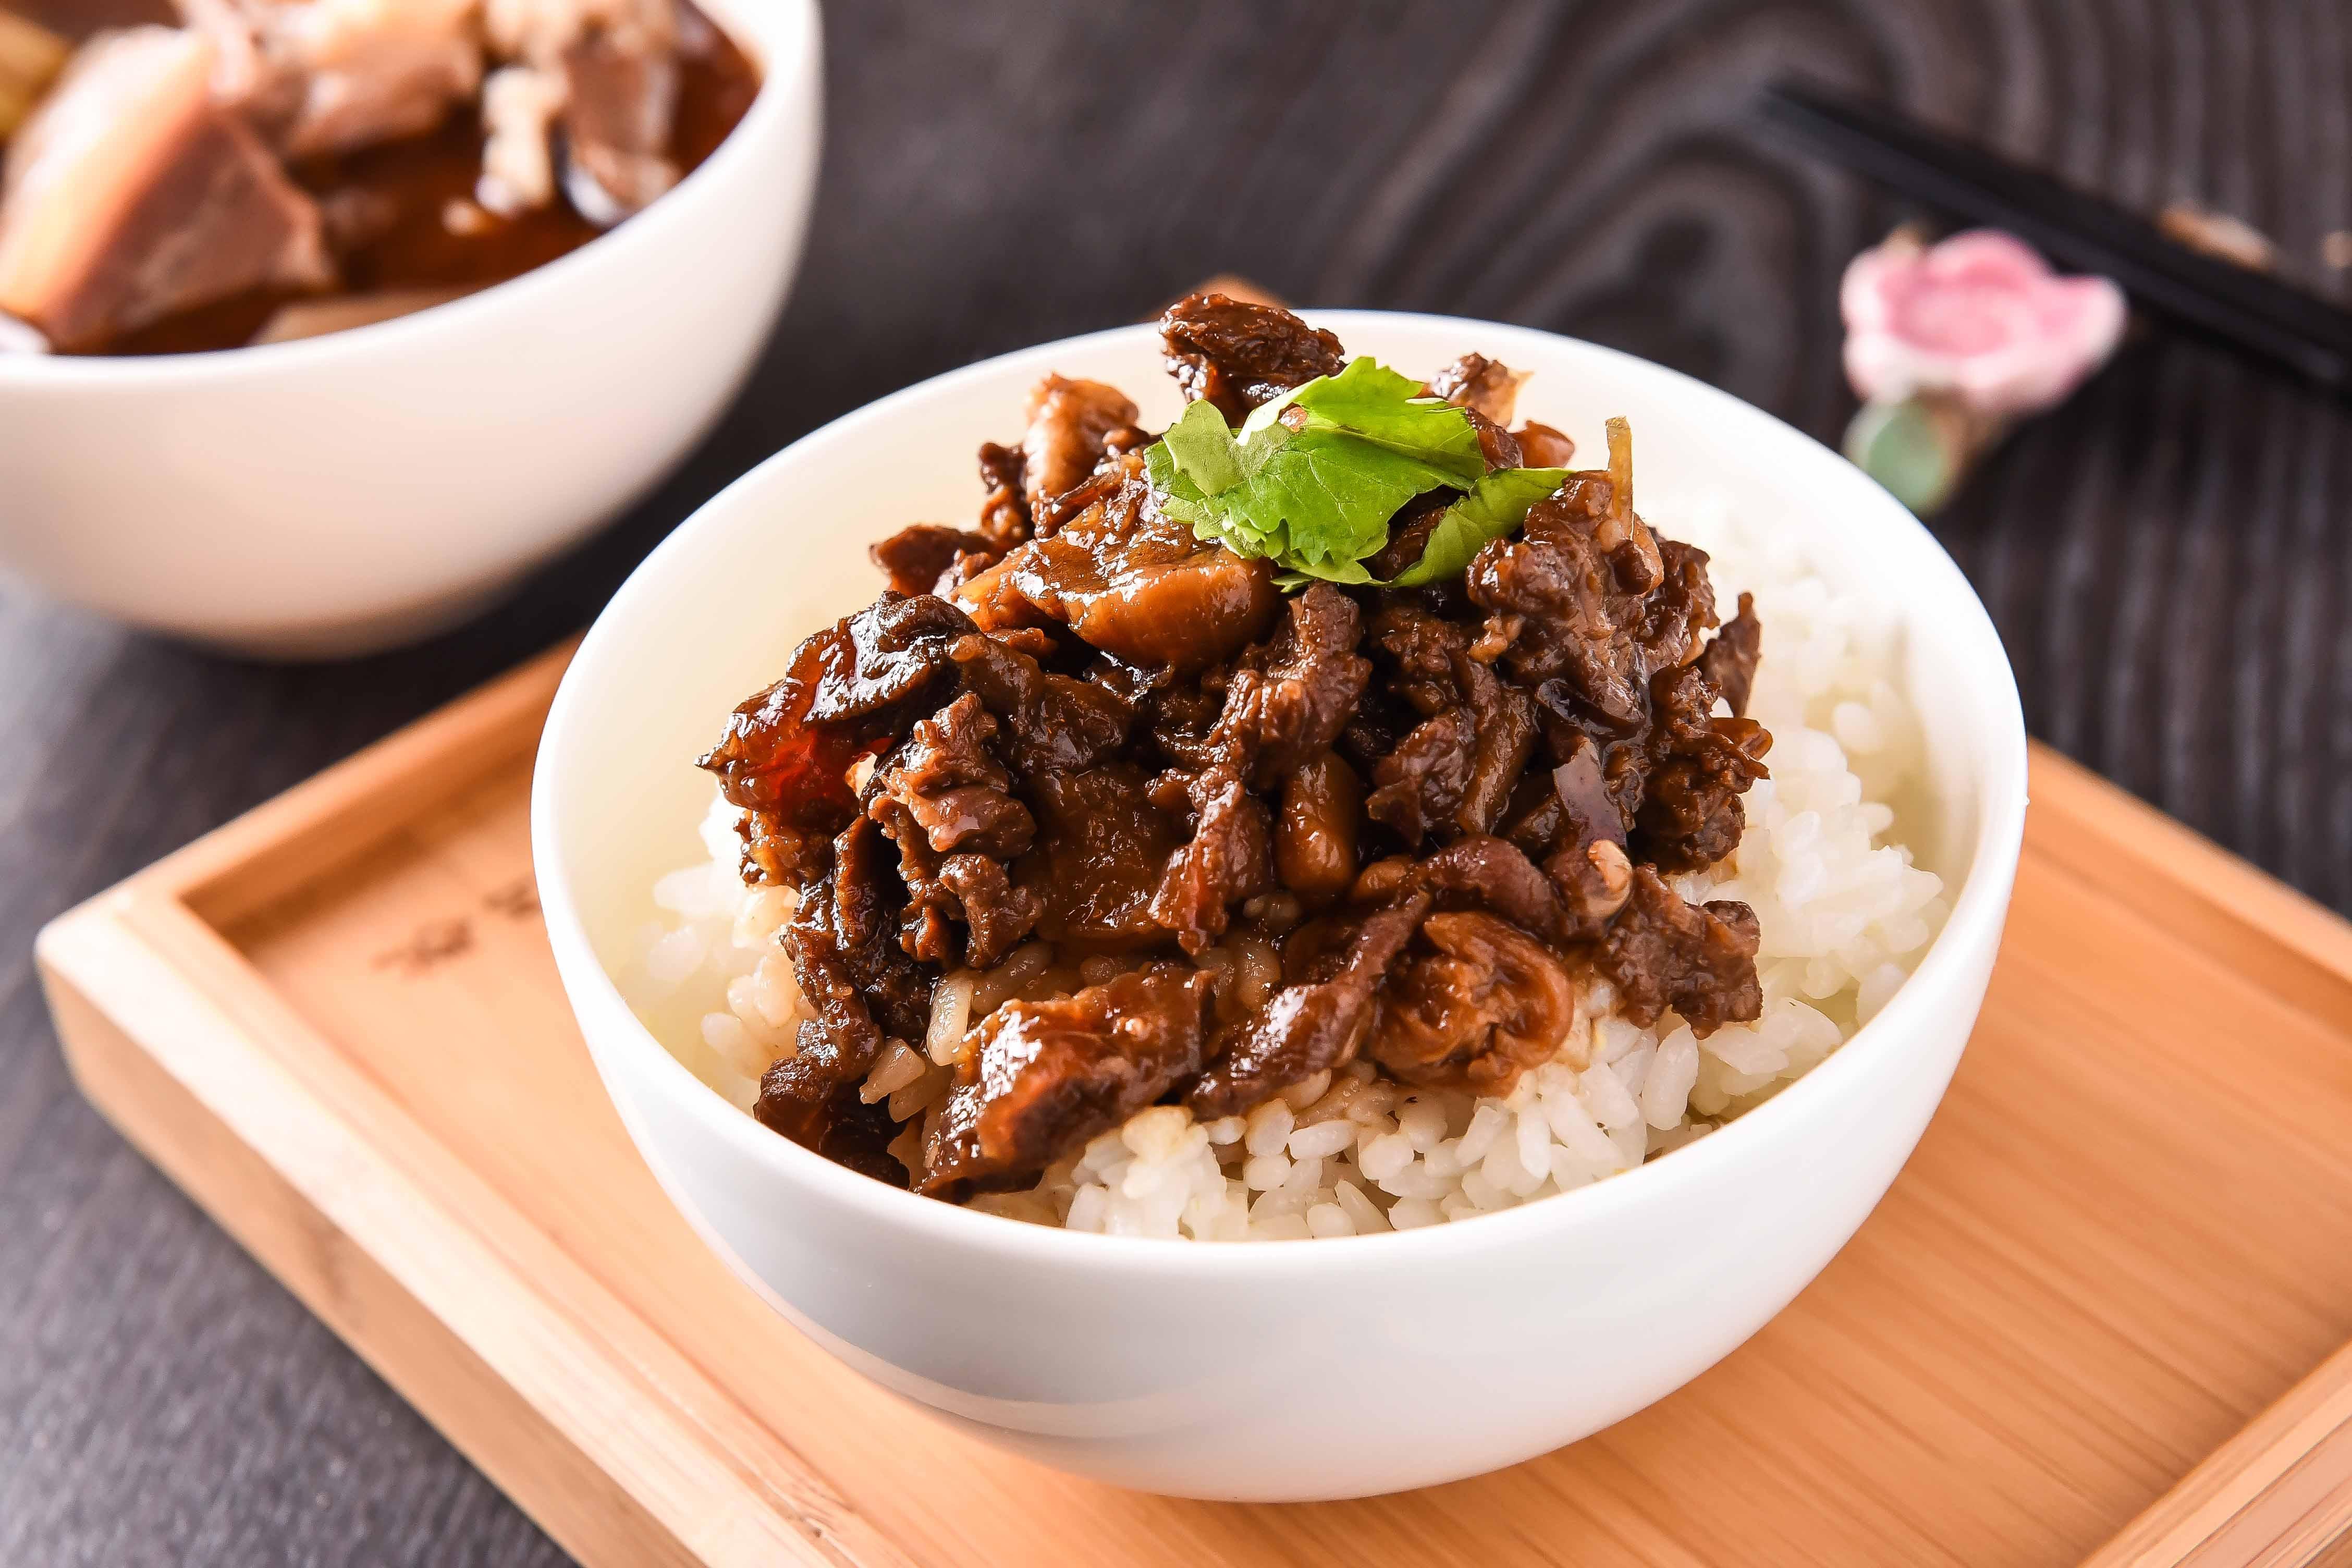 【 咩 】黑金羊肉燥 (小黑)台南知名羊肉爐【傳香三代】 真材食料 高品質嚴選 (100g/包) 1